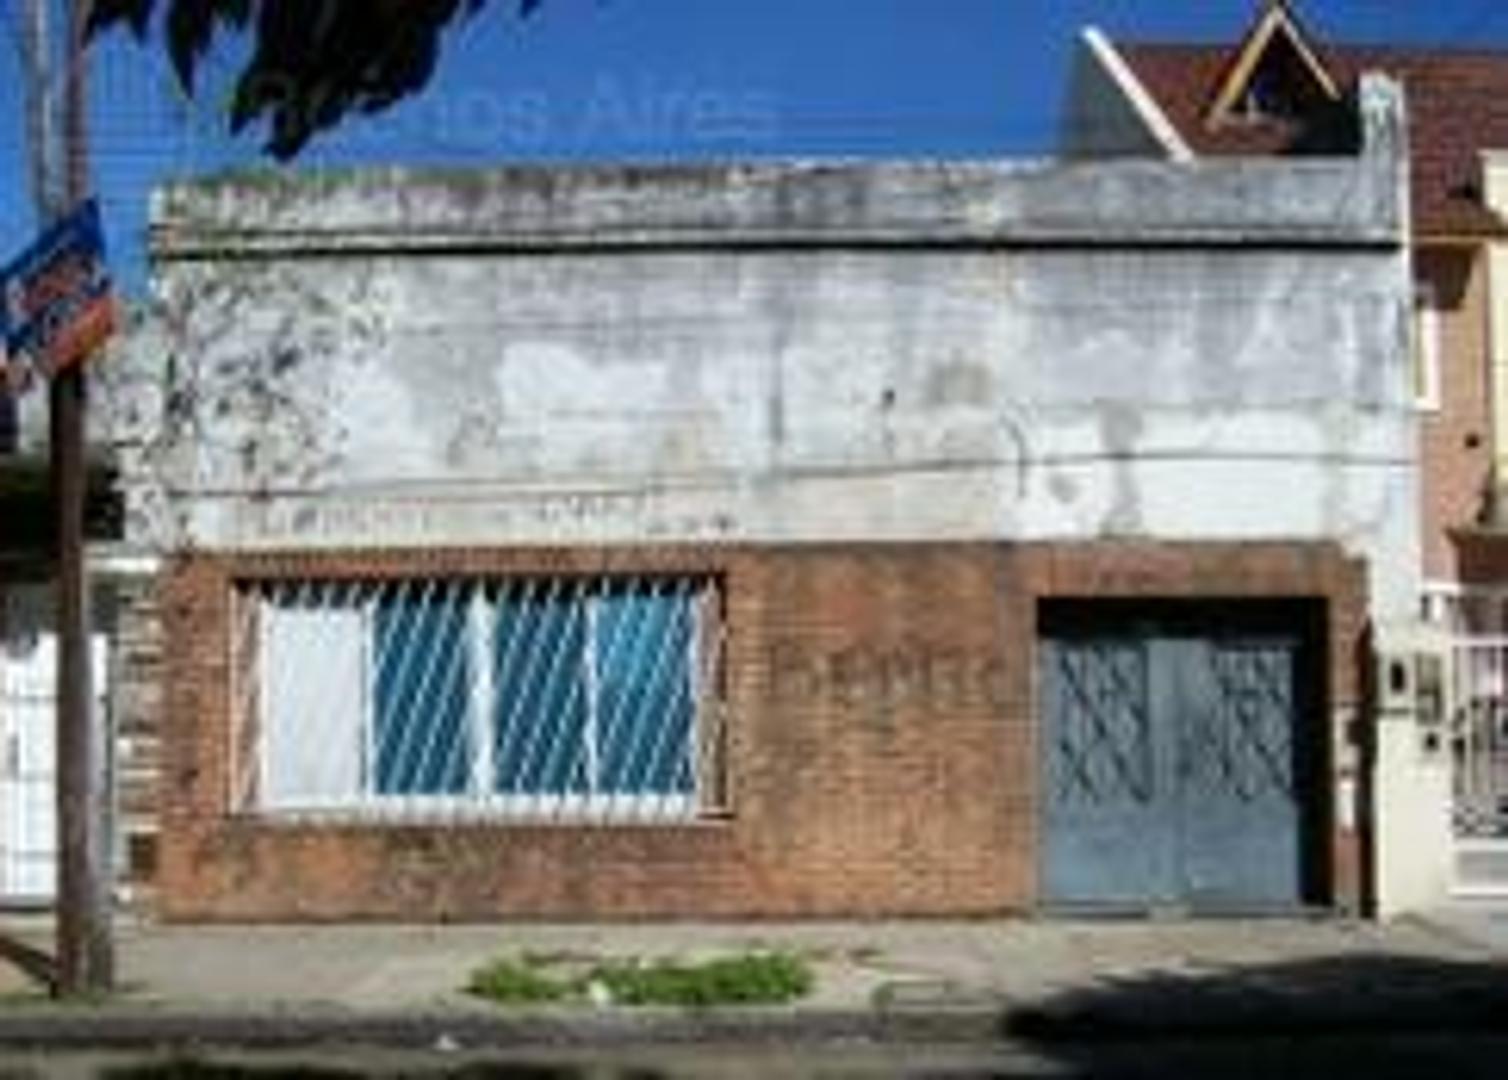 INVERSION/ VILLA DEL PARQUE /CASA / SAN NICOLAS 2500/8.66X47